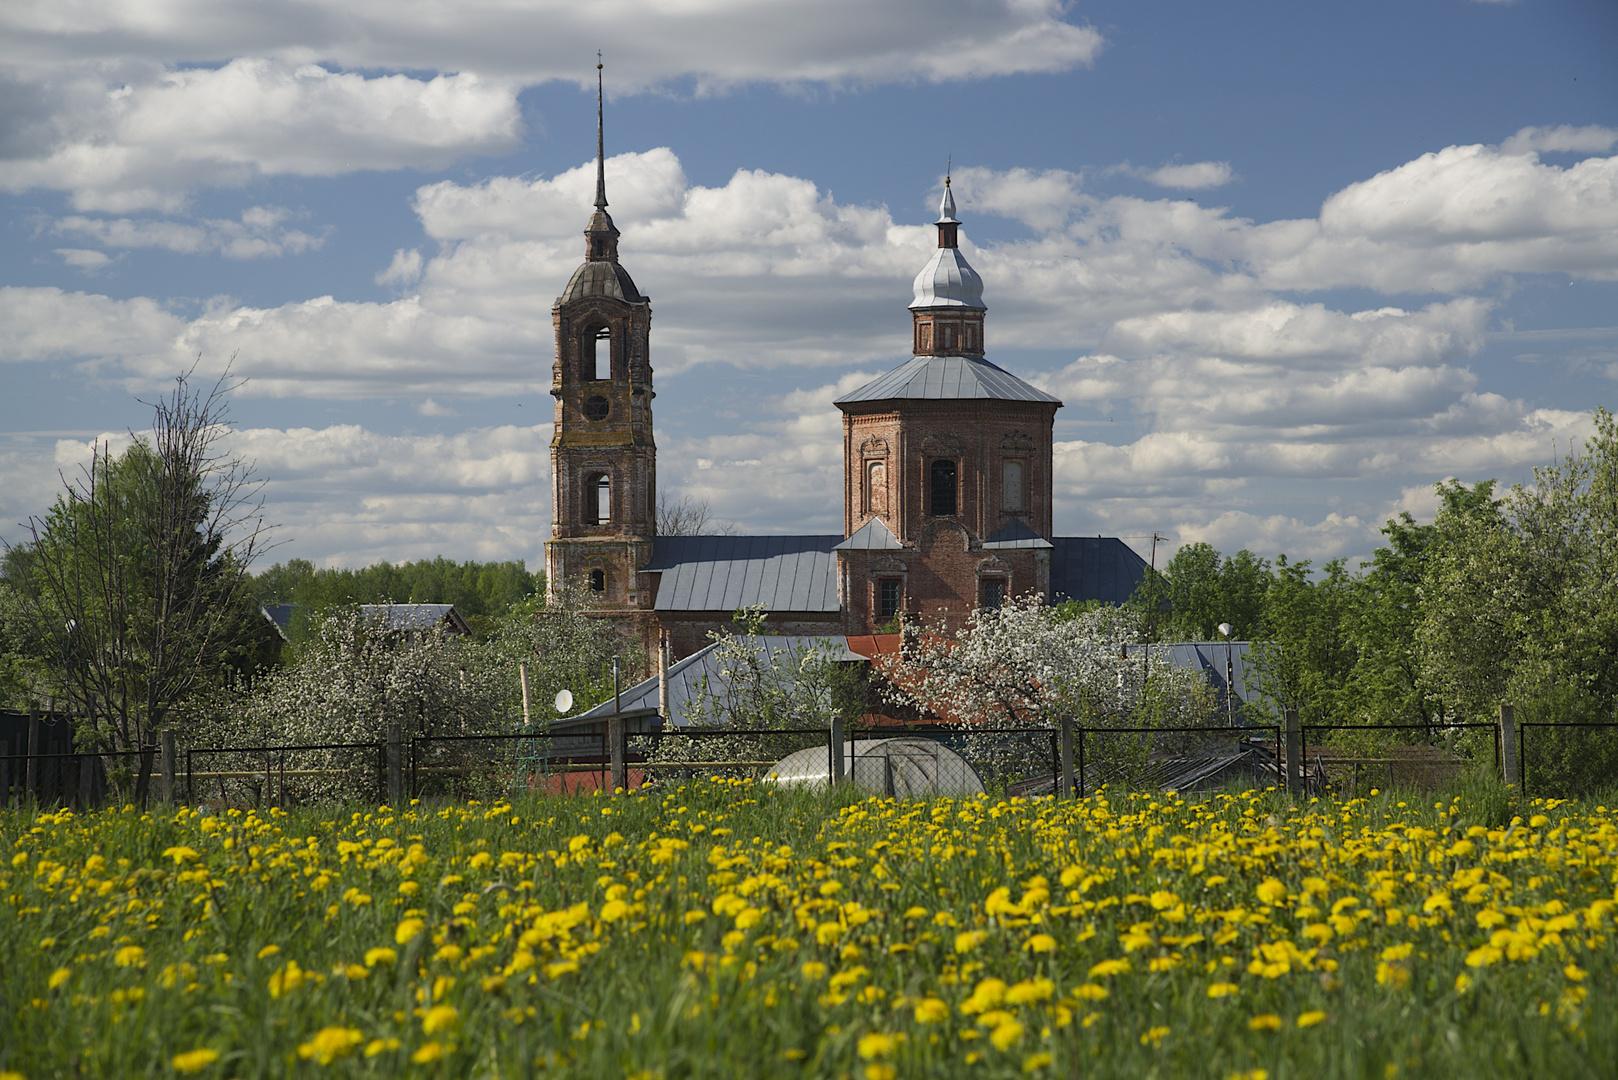 Boris-und-Gleb-Kirche, Suzdal